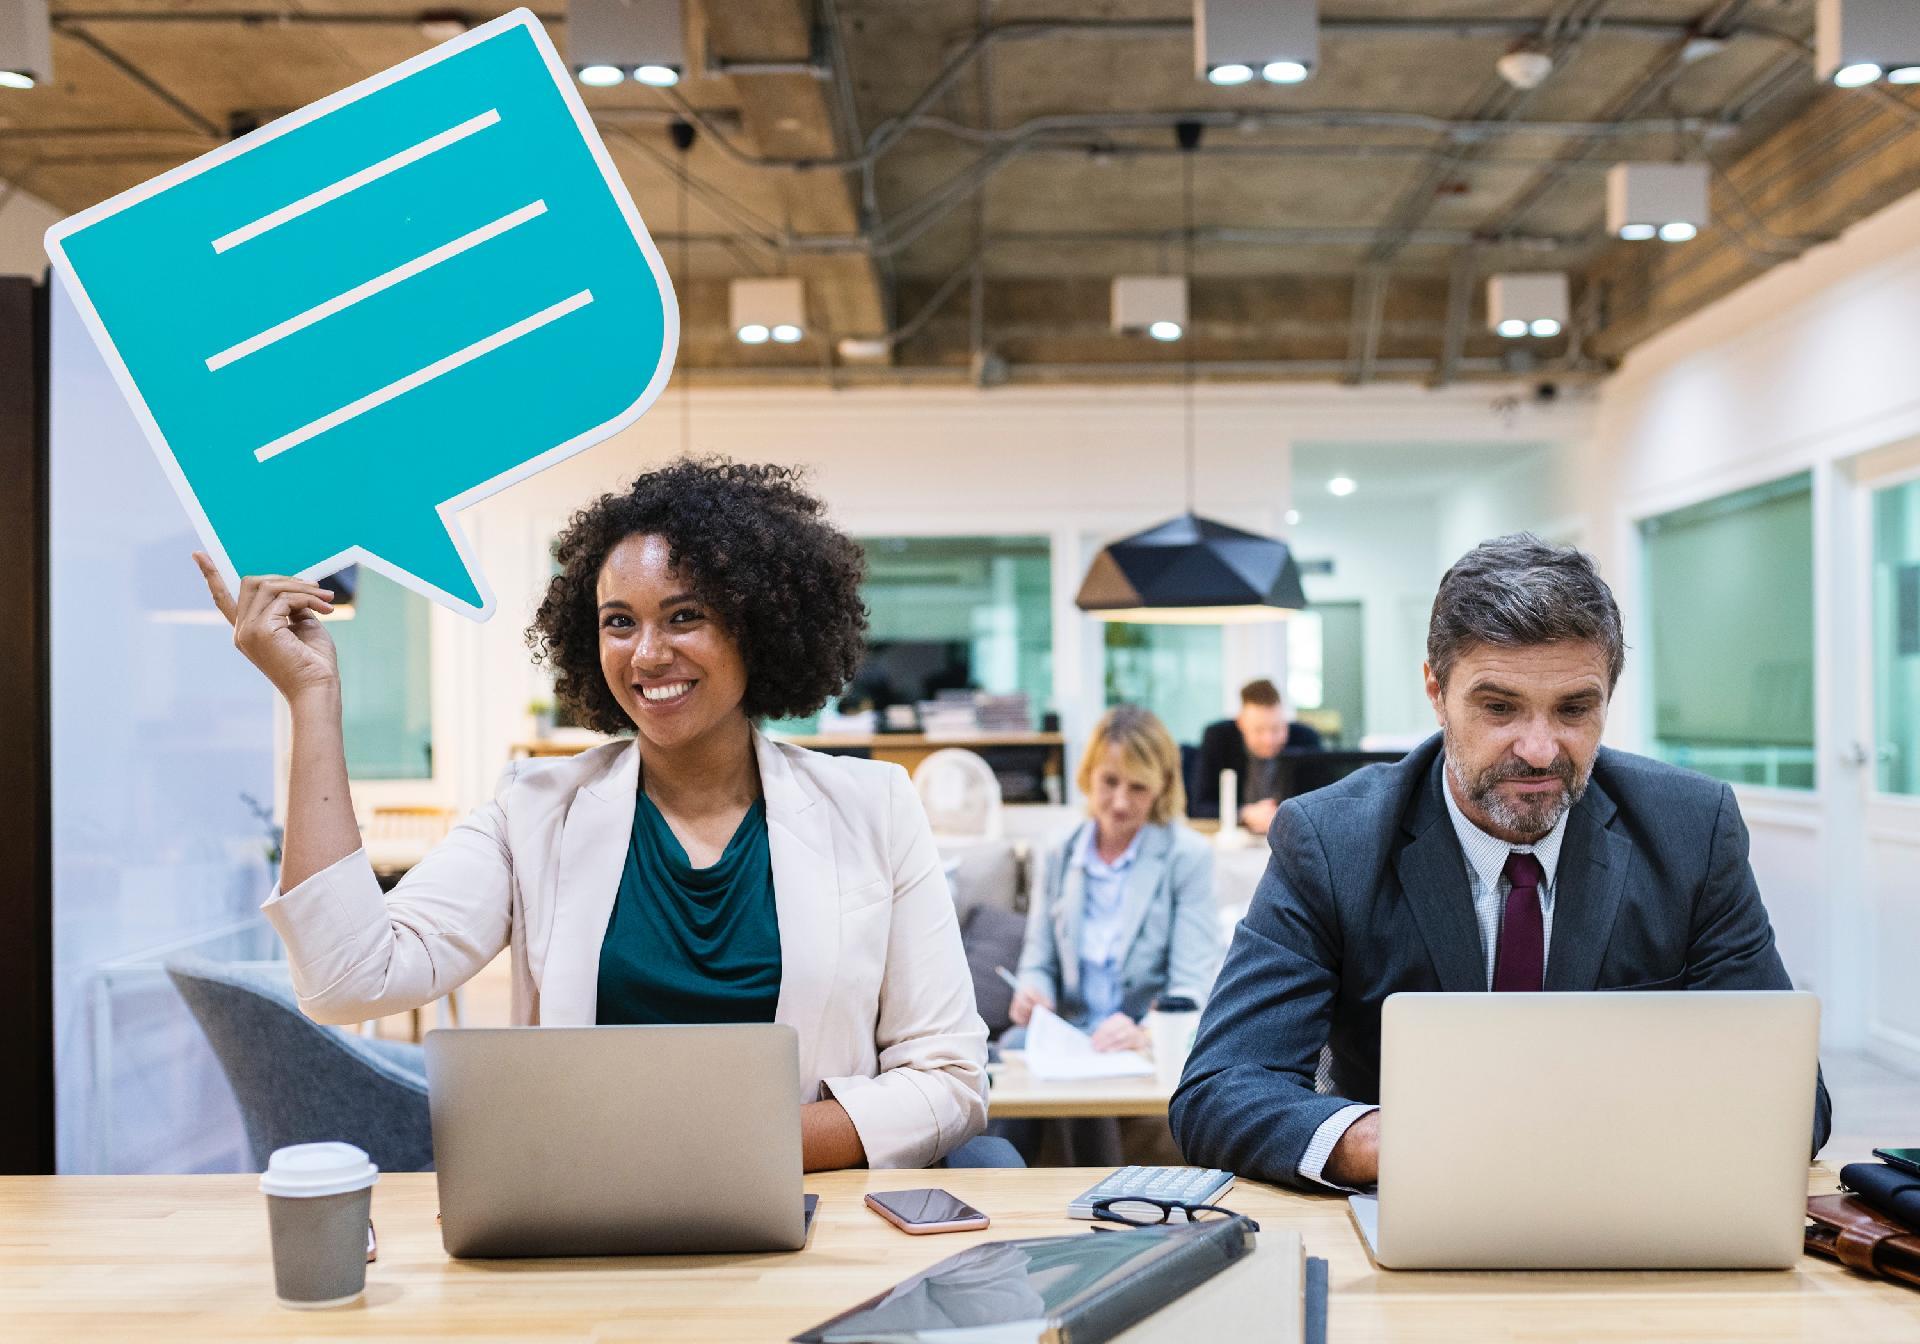 Skal jeg bruge Microsoft Teams i min virksomhed?